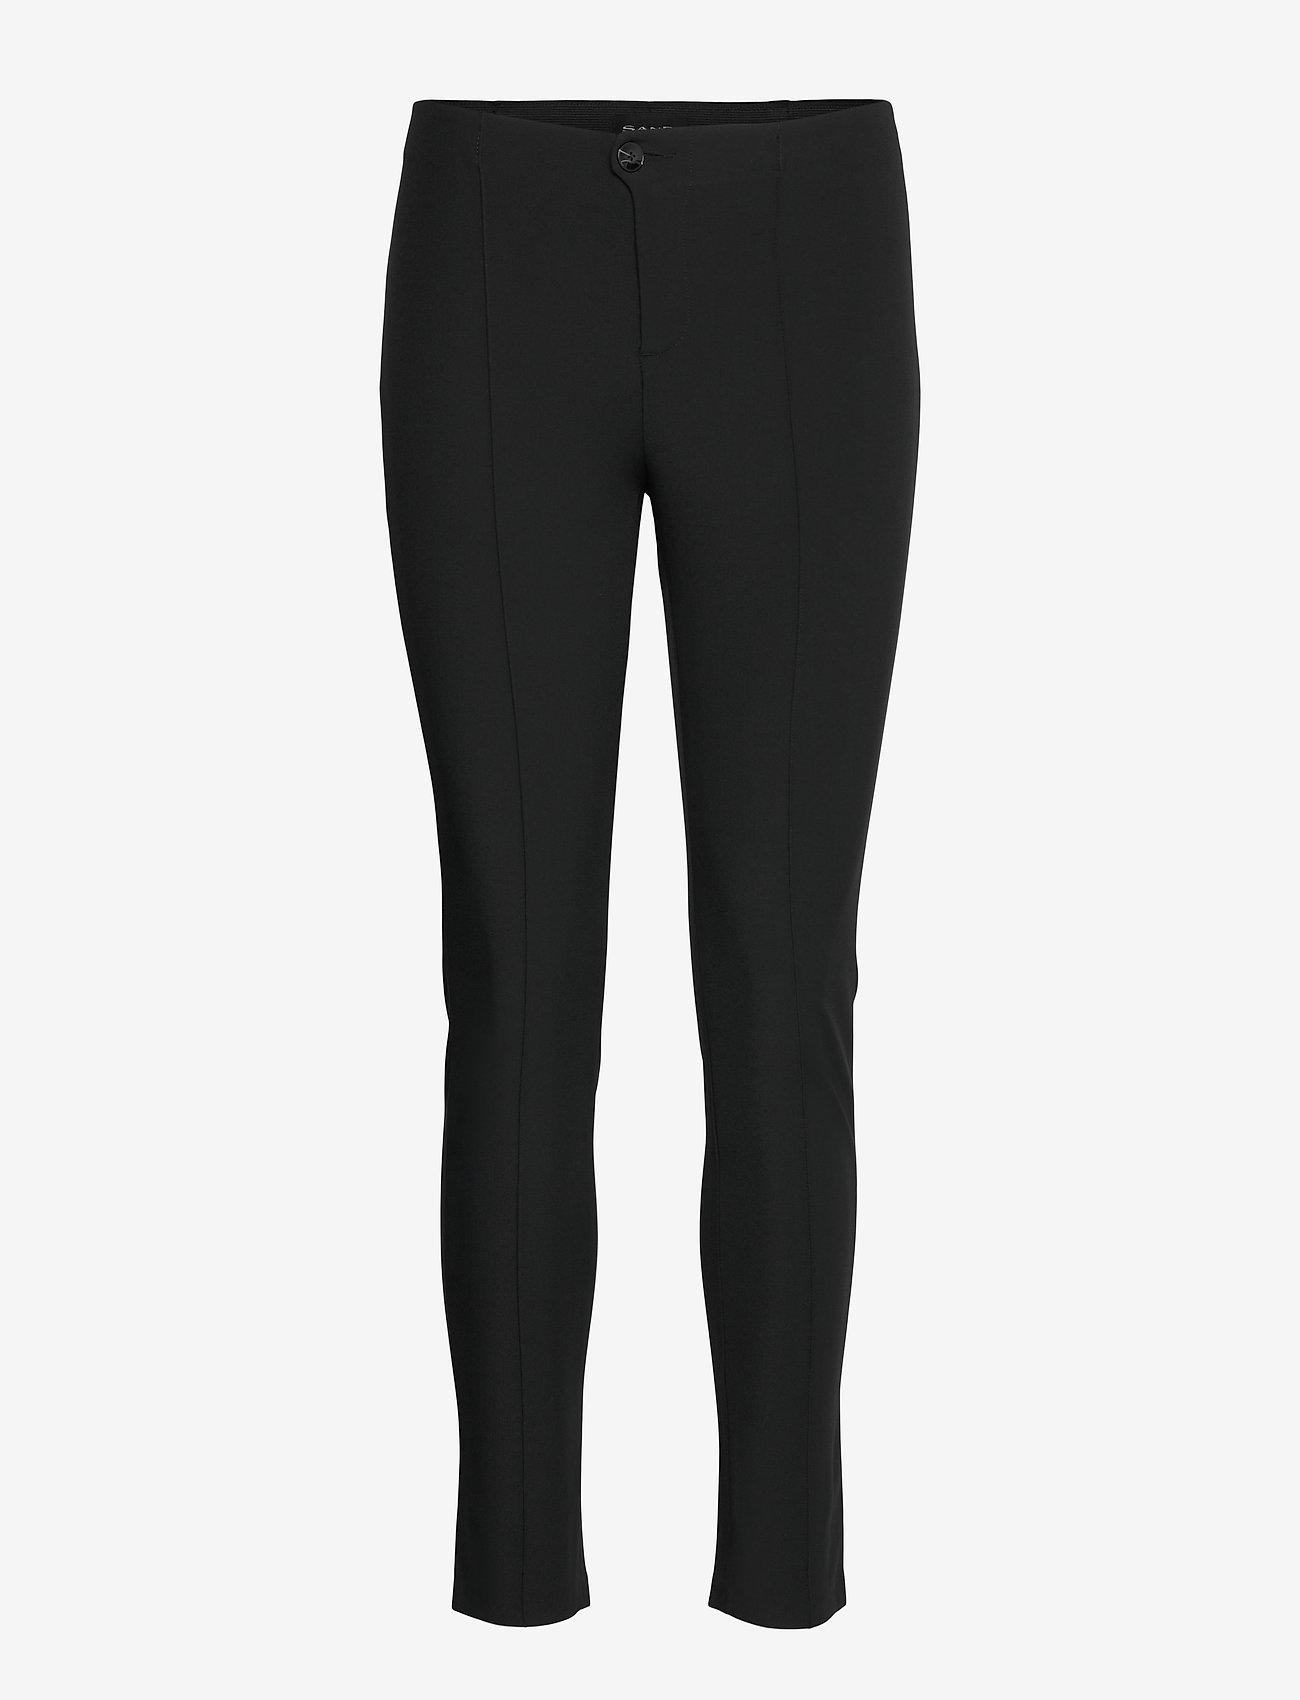 SAND - 0624 - Arella - slim fit broeken - black - 0